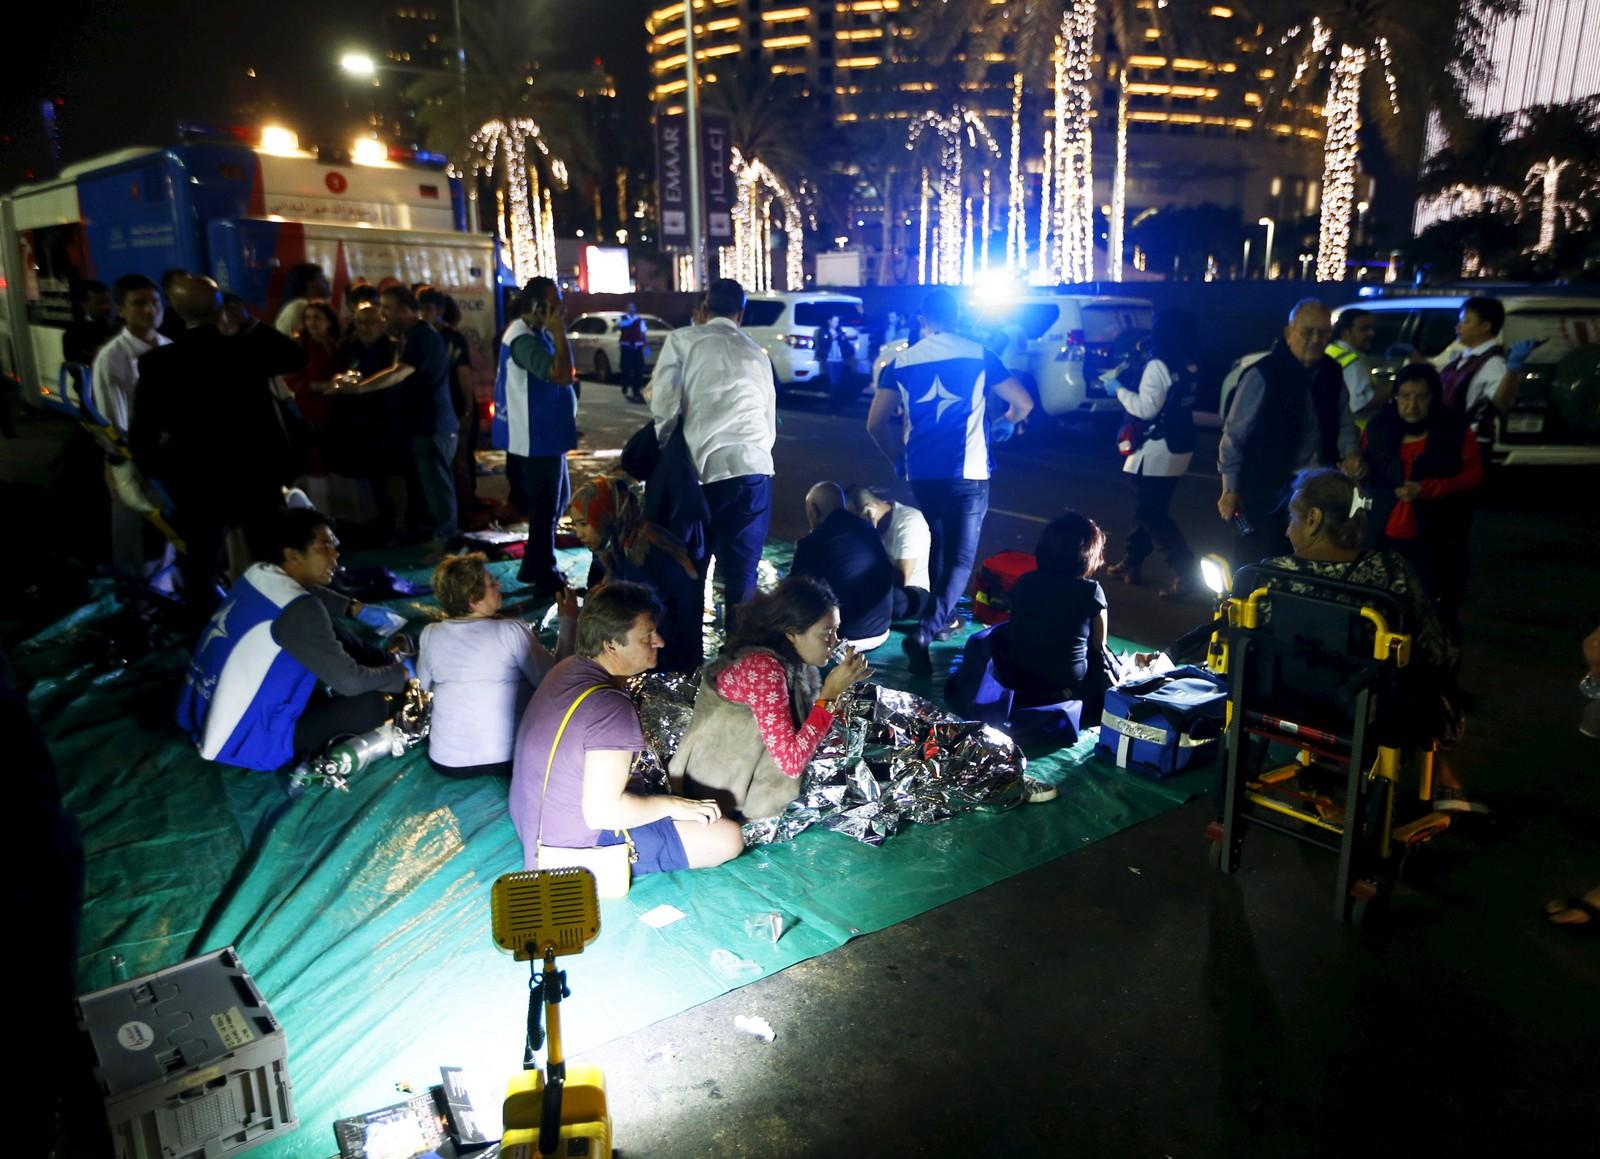 Skadde og evakuerte hotellgjester samlet utenfor Address Hotel i Dubai nyttårsaften.